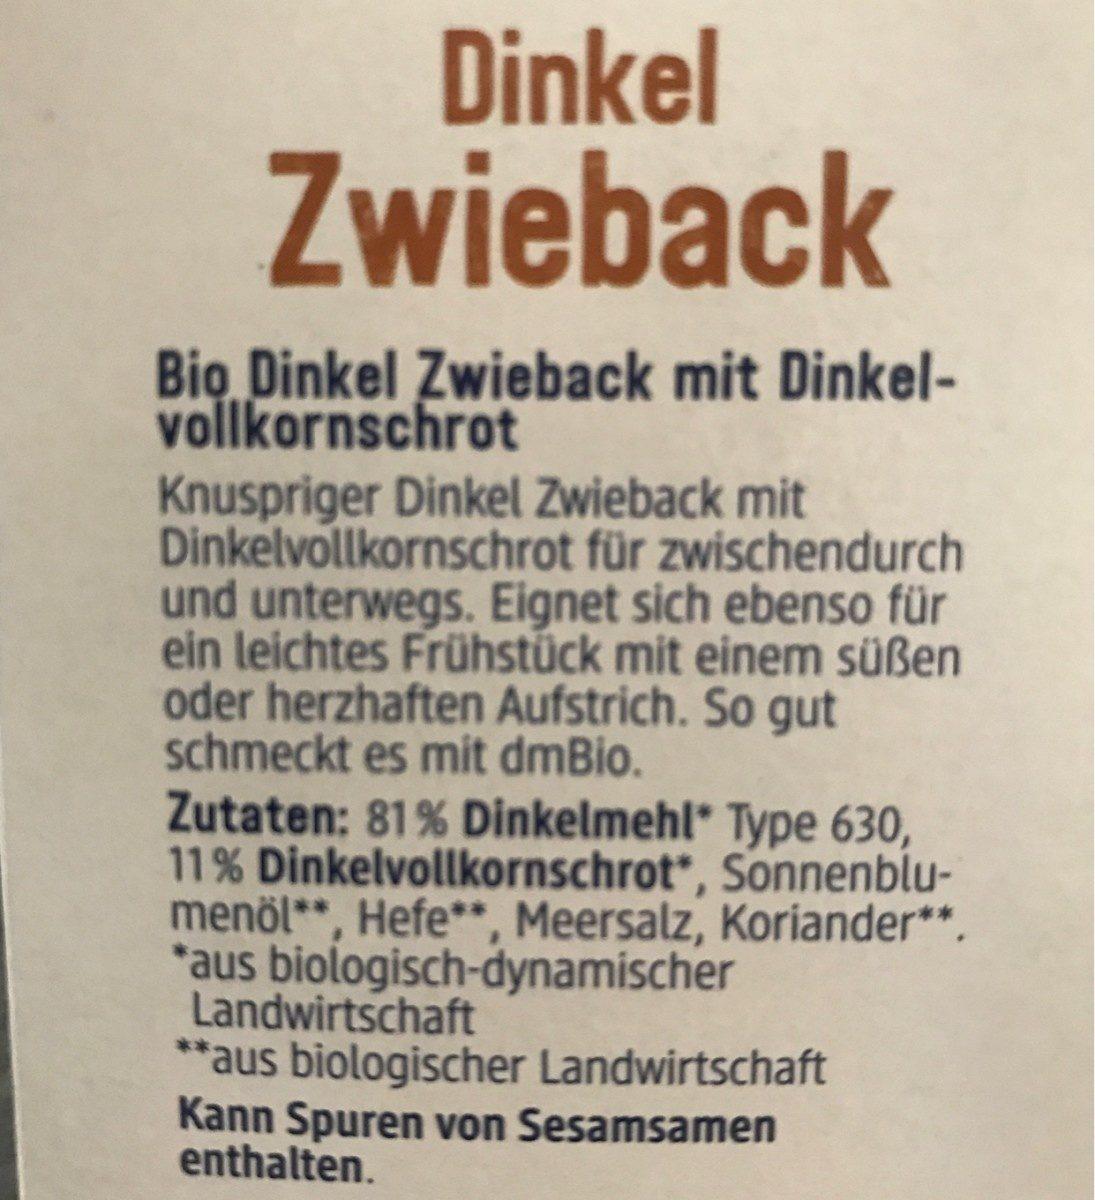 Dinkel Zwieback - Ingredients